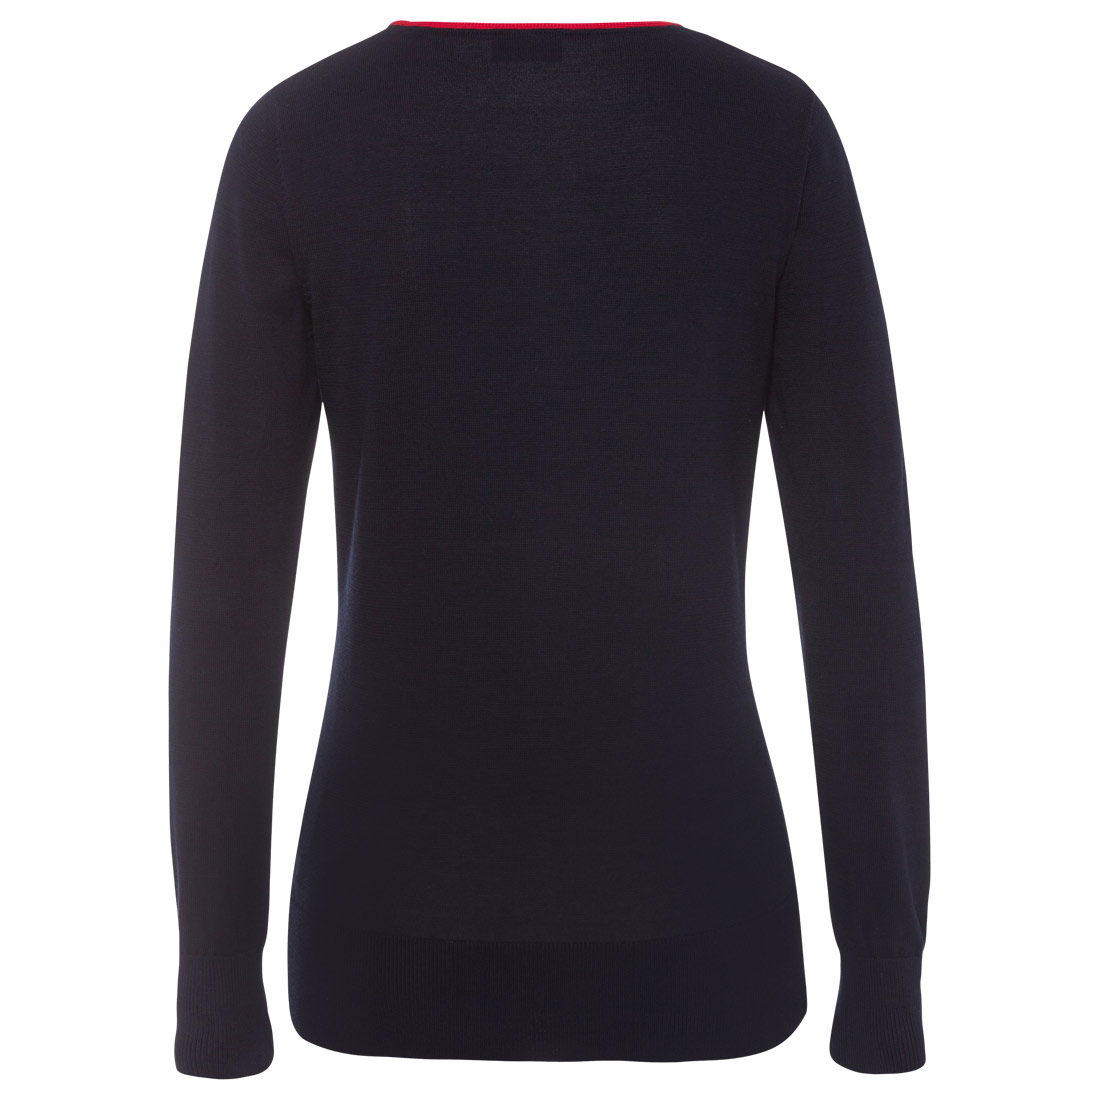 Damen Pullover mit raffiniertem Strick-Muster Streifen